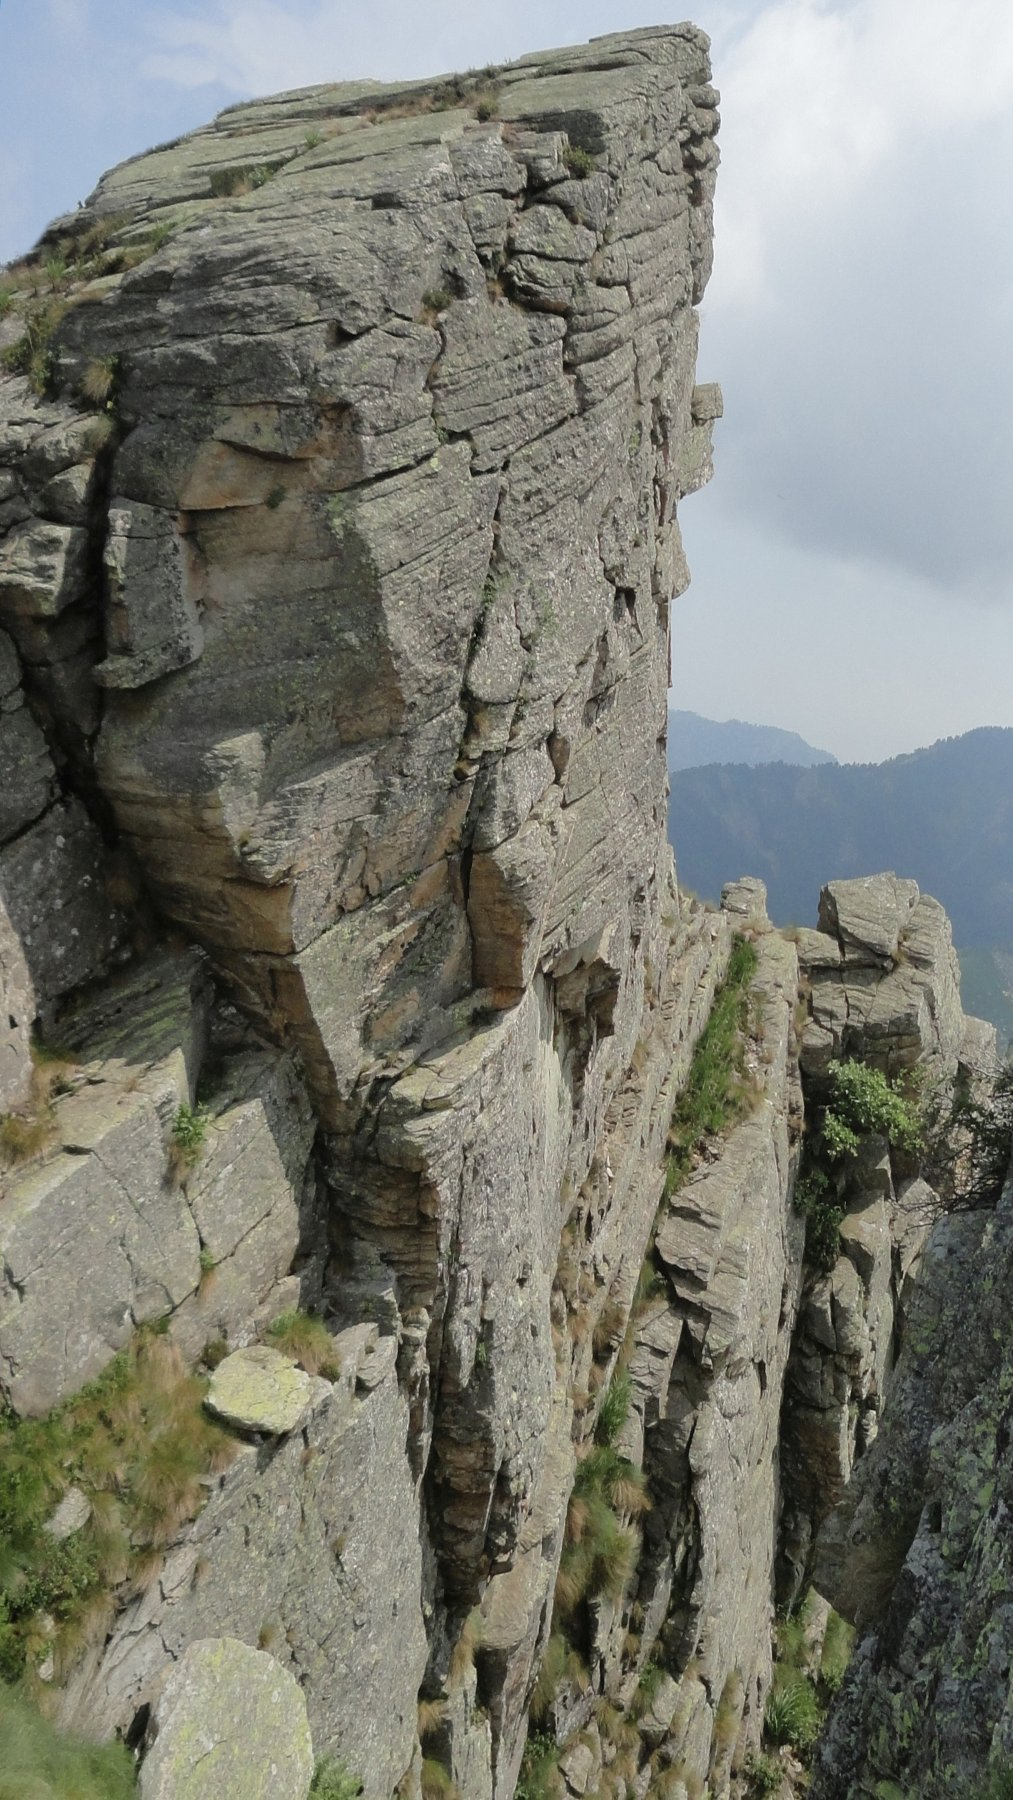 Il muro finale su cui sale L3 visto dalla sommità del canale che divide lo Sperone della Sfinge da quello dell'Aquila..